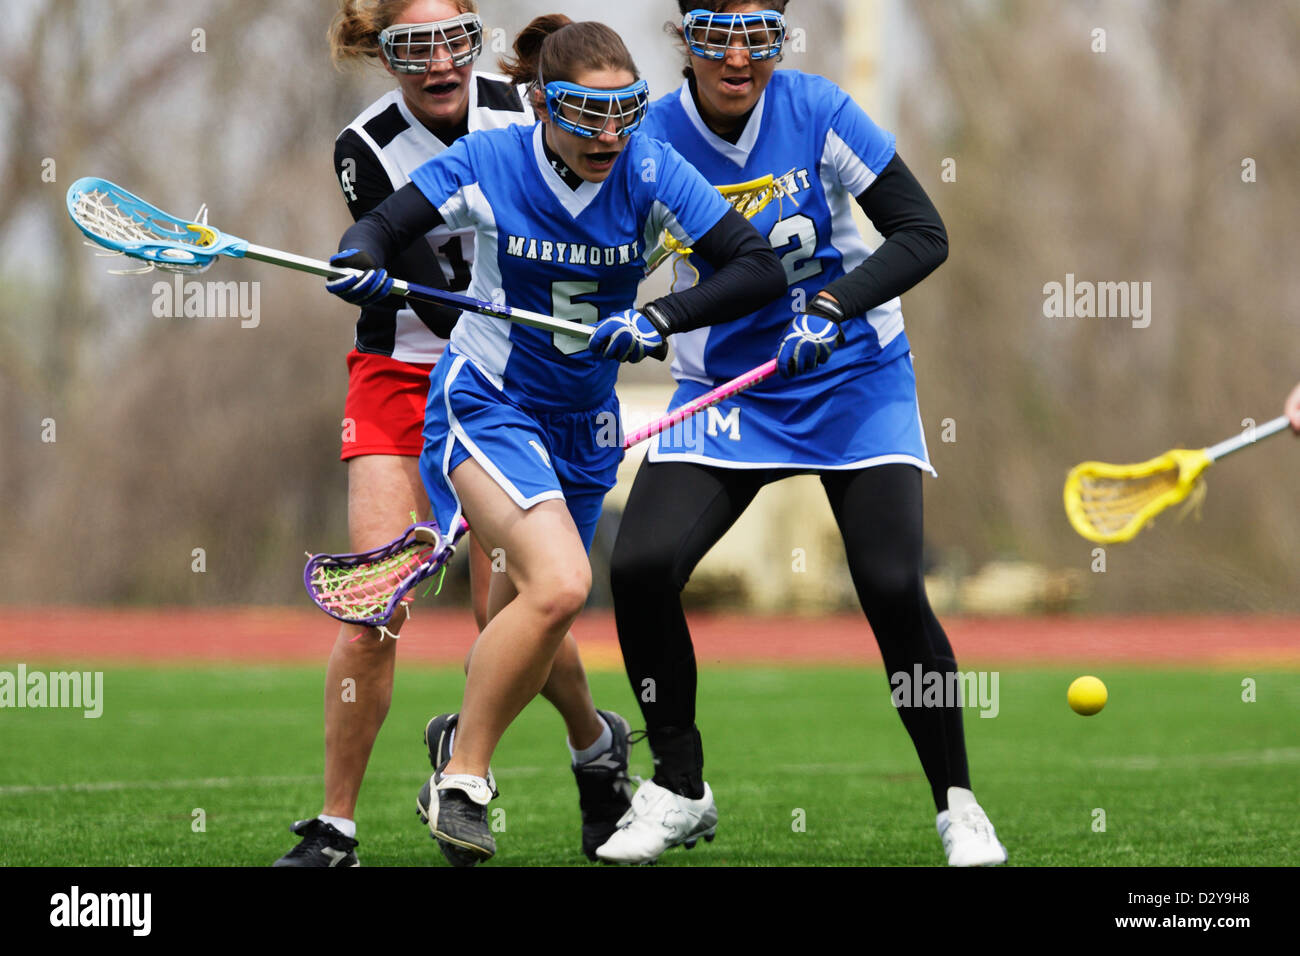 Catholic University and Marymount University players chase the ball during a lacrosse game at at Catholic University. - Stock Image